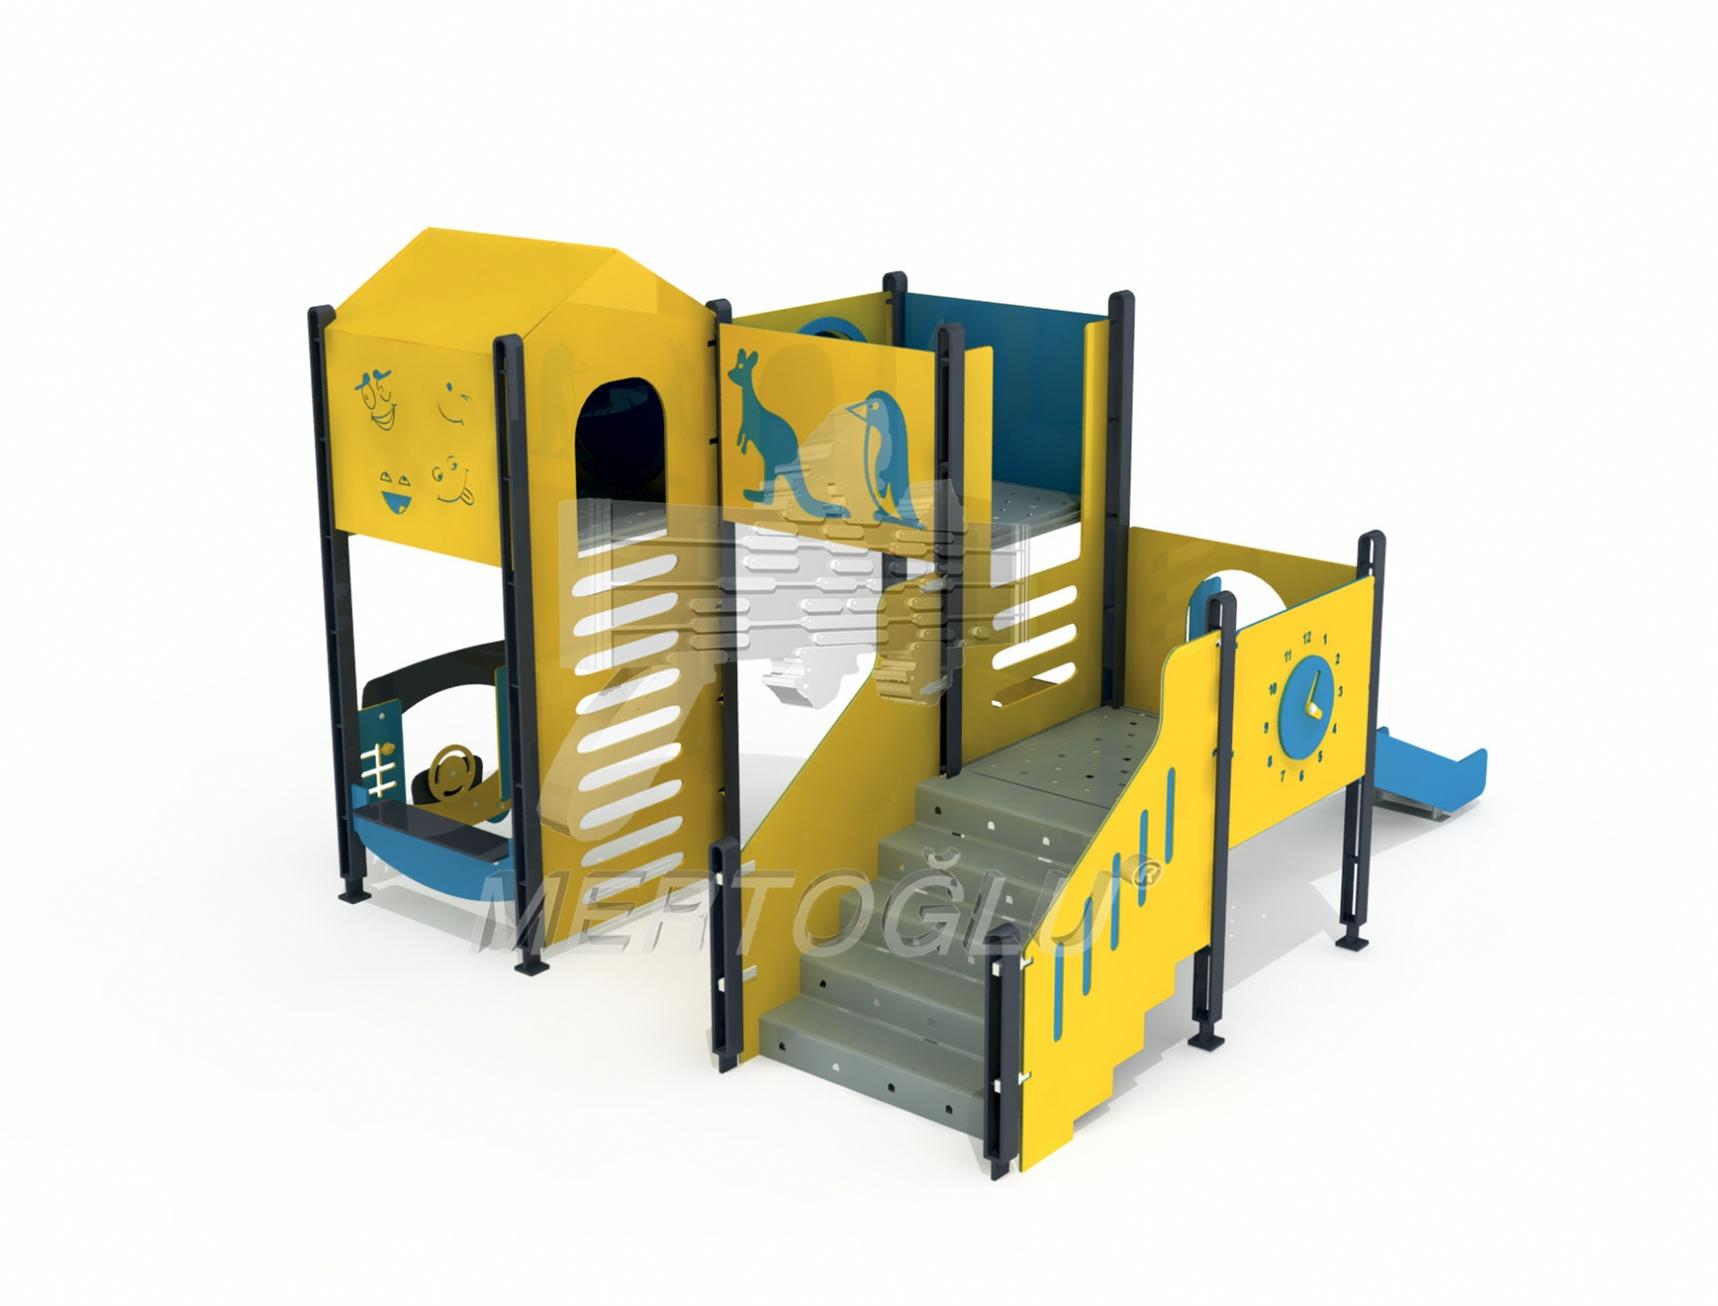 Duki Serisi Çocuk Parkı Mdk-701